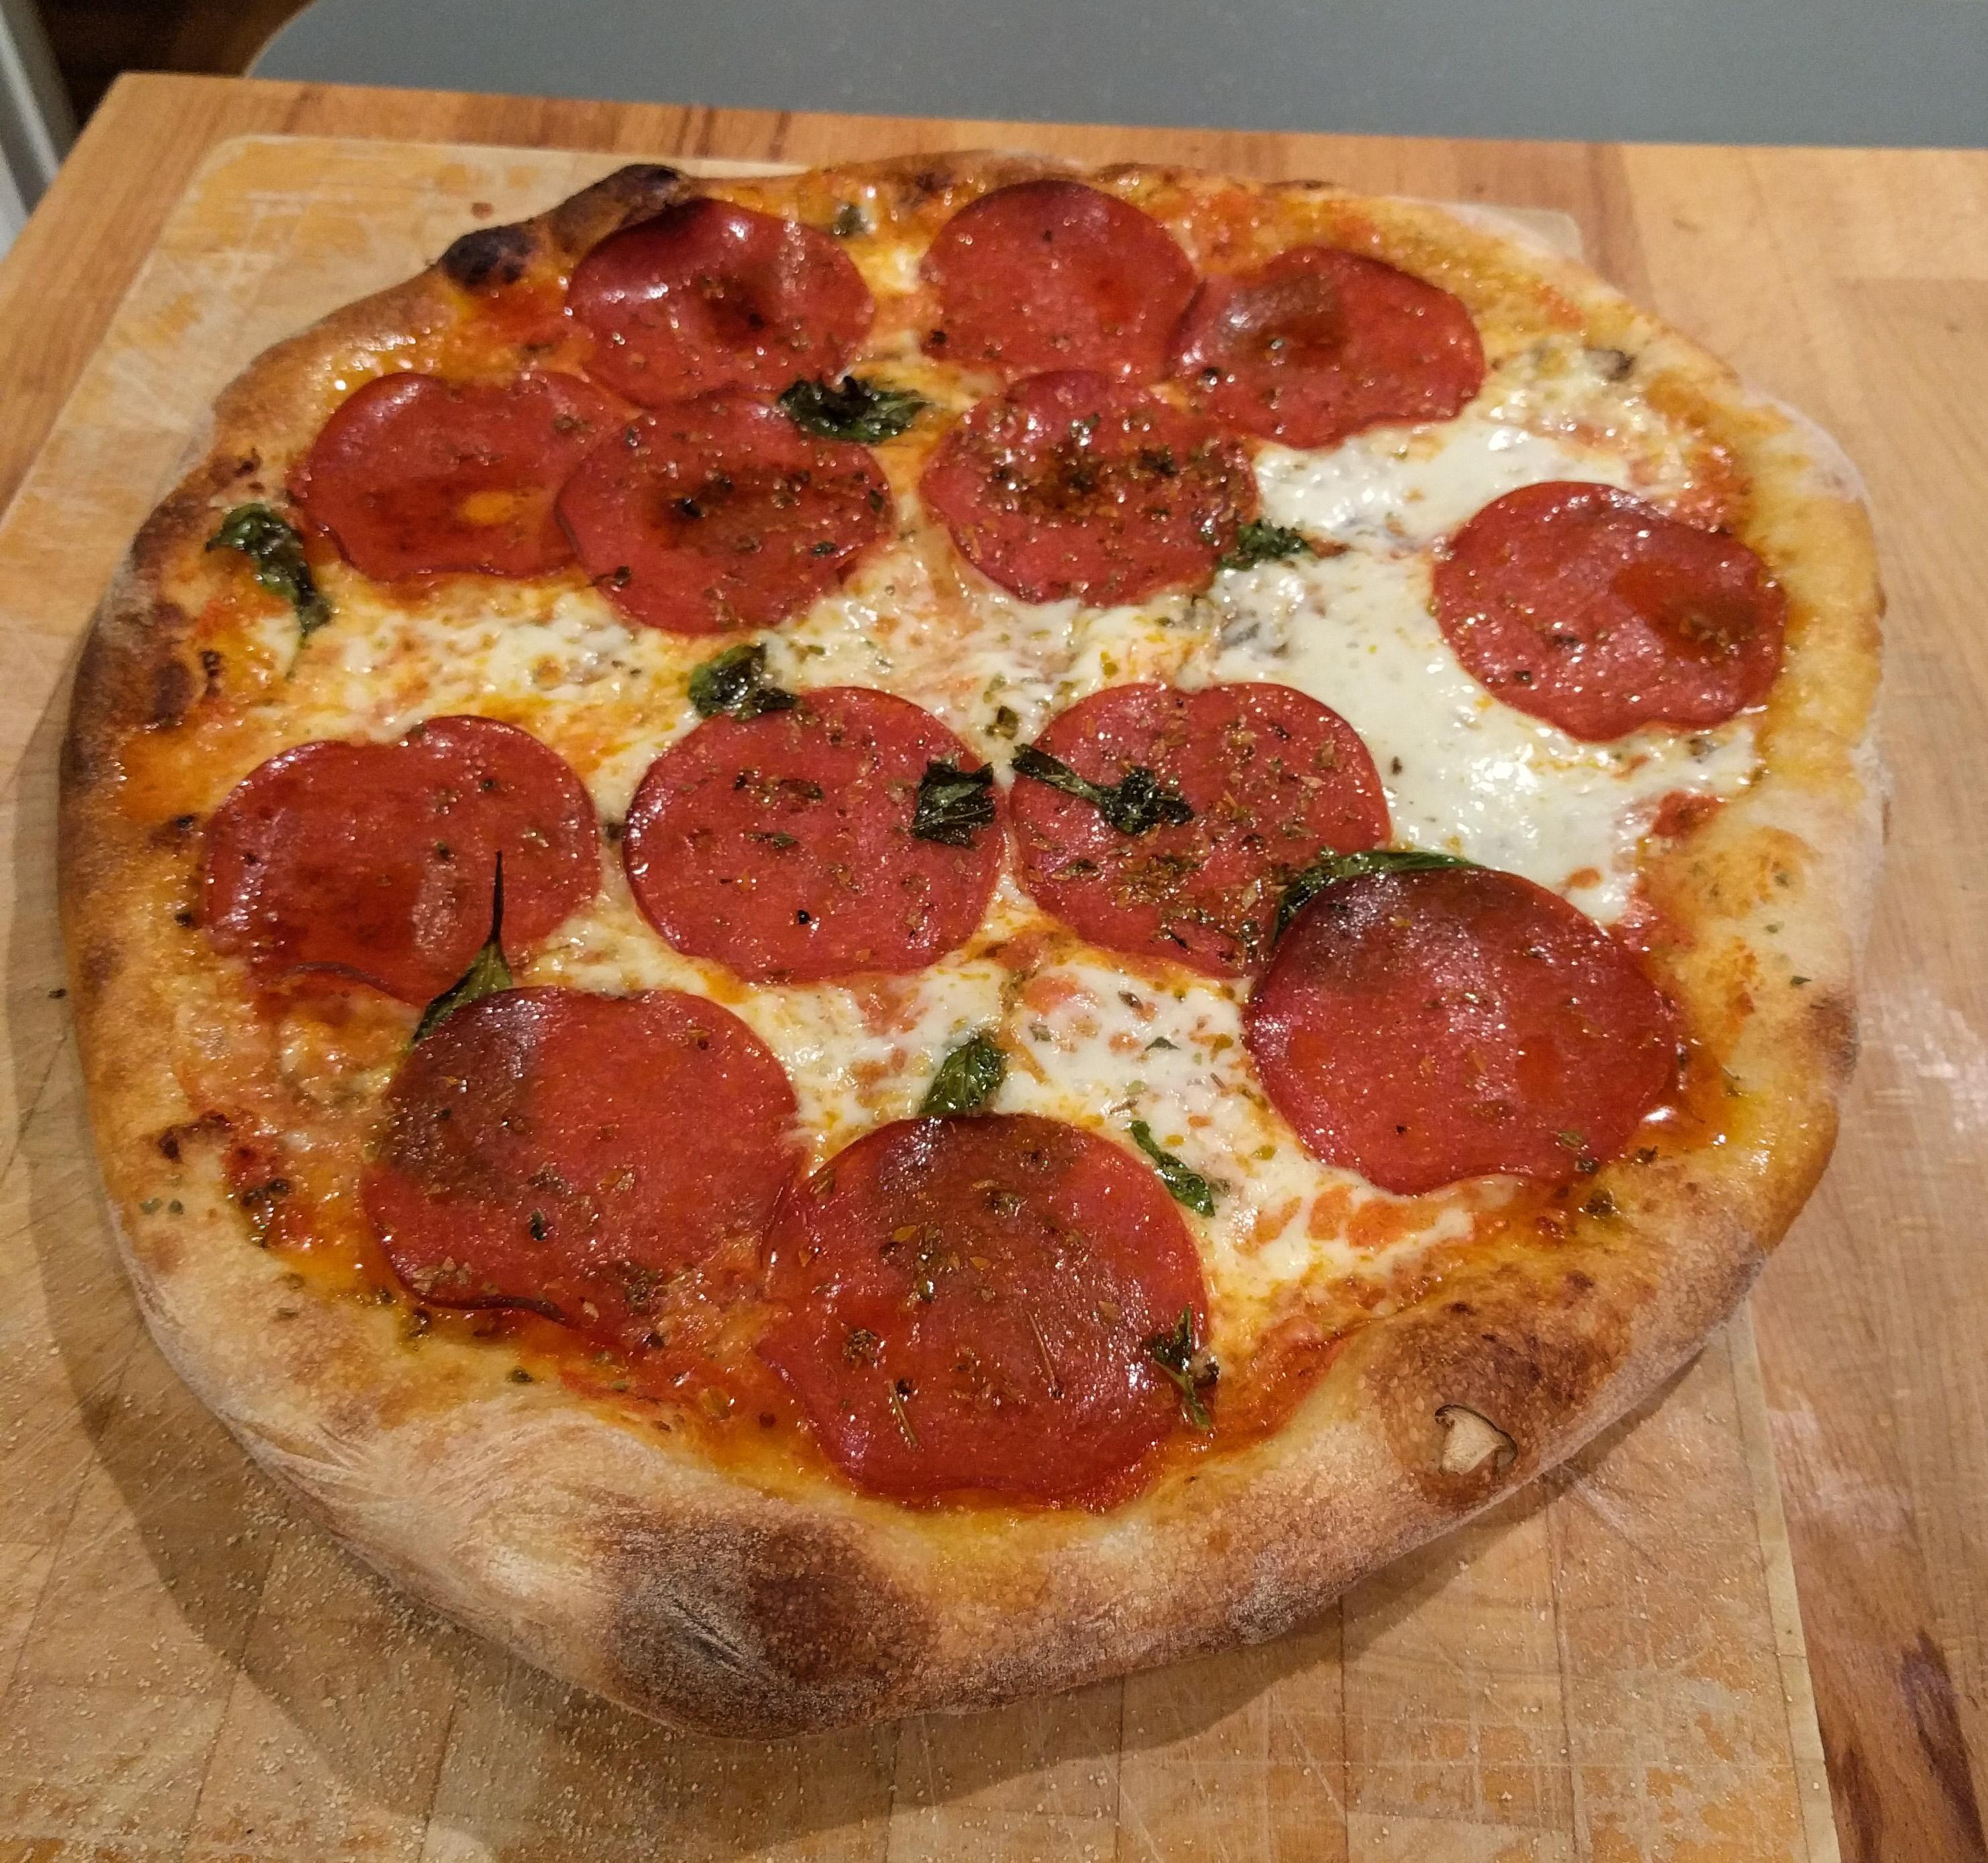 First pizza on custom laser-cut steels! #pizza #food #foodporn #yummy #love #dinner #salsa #recipe